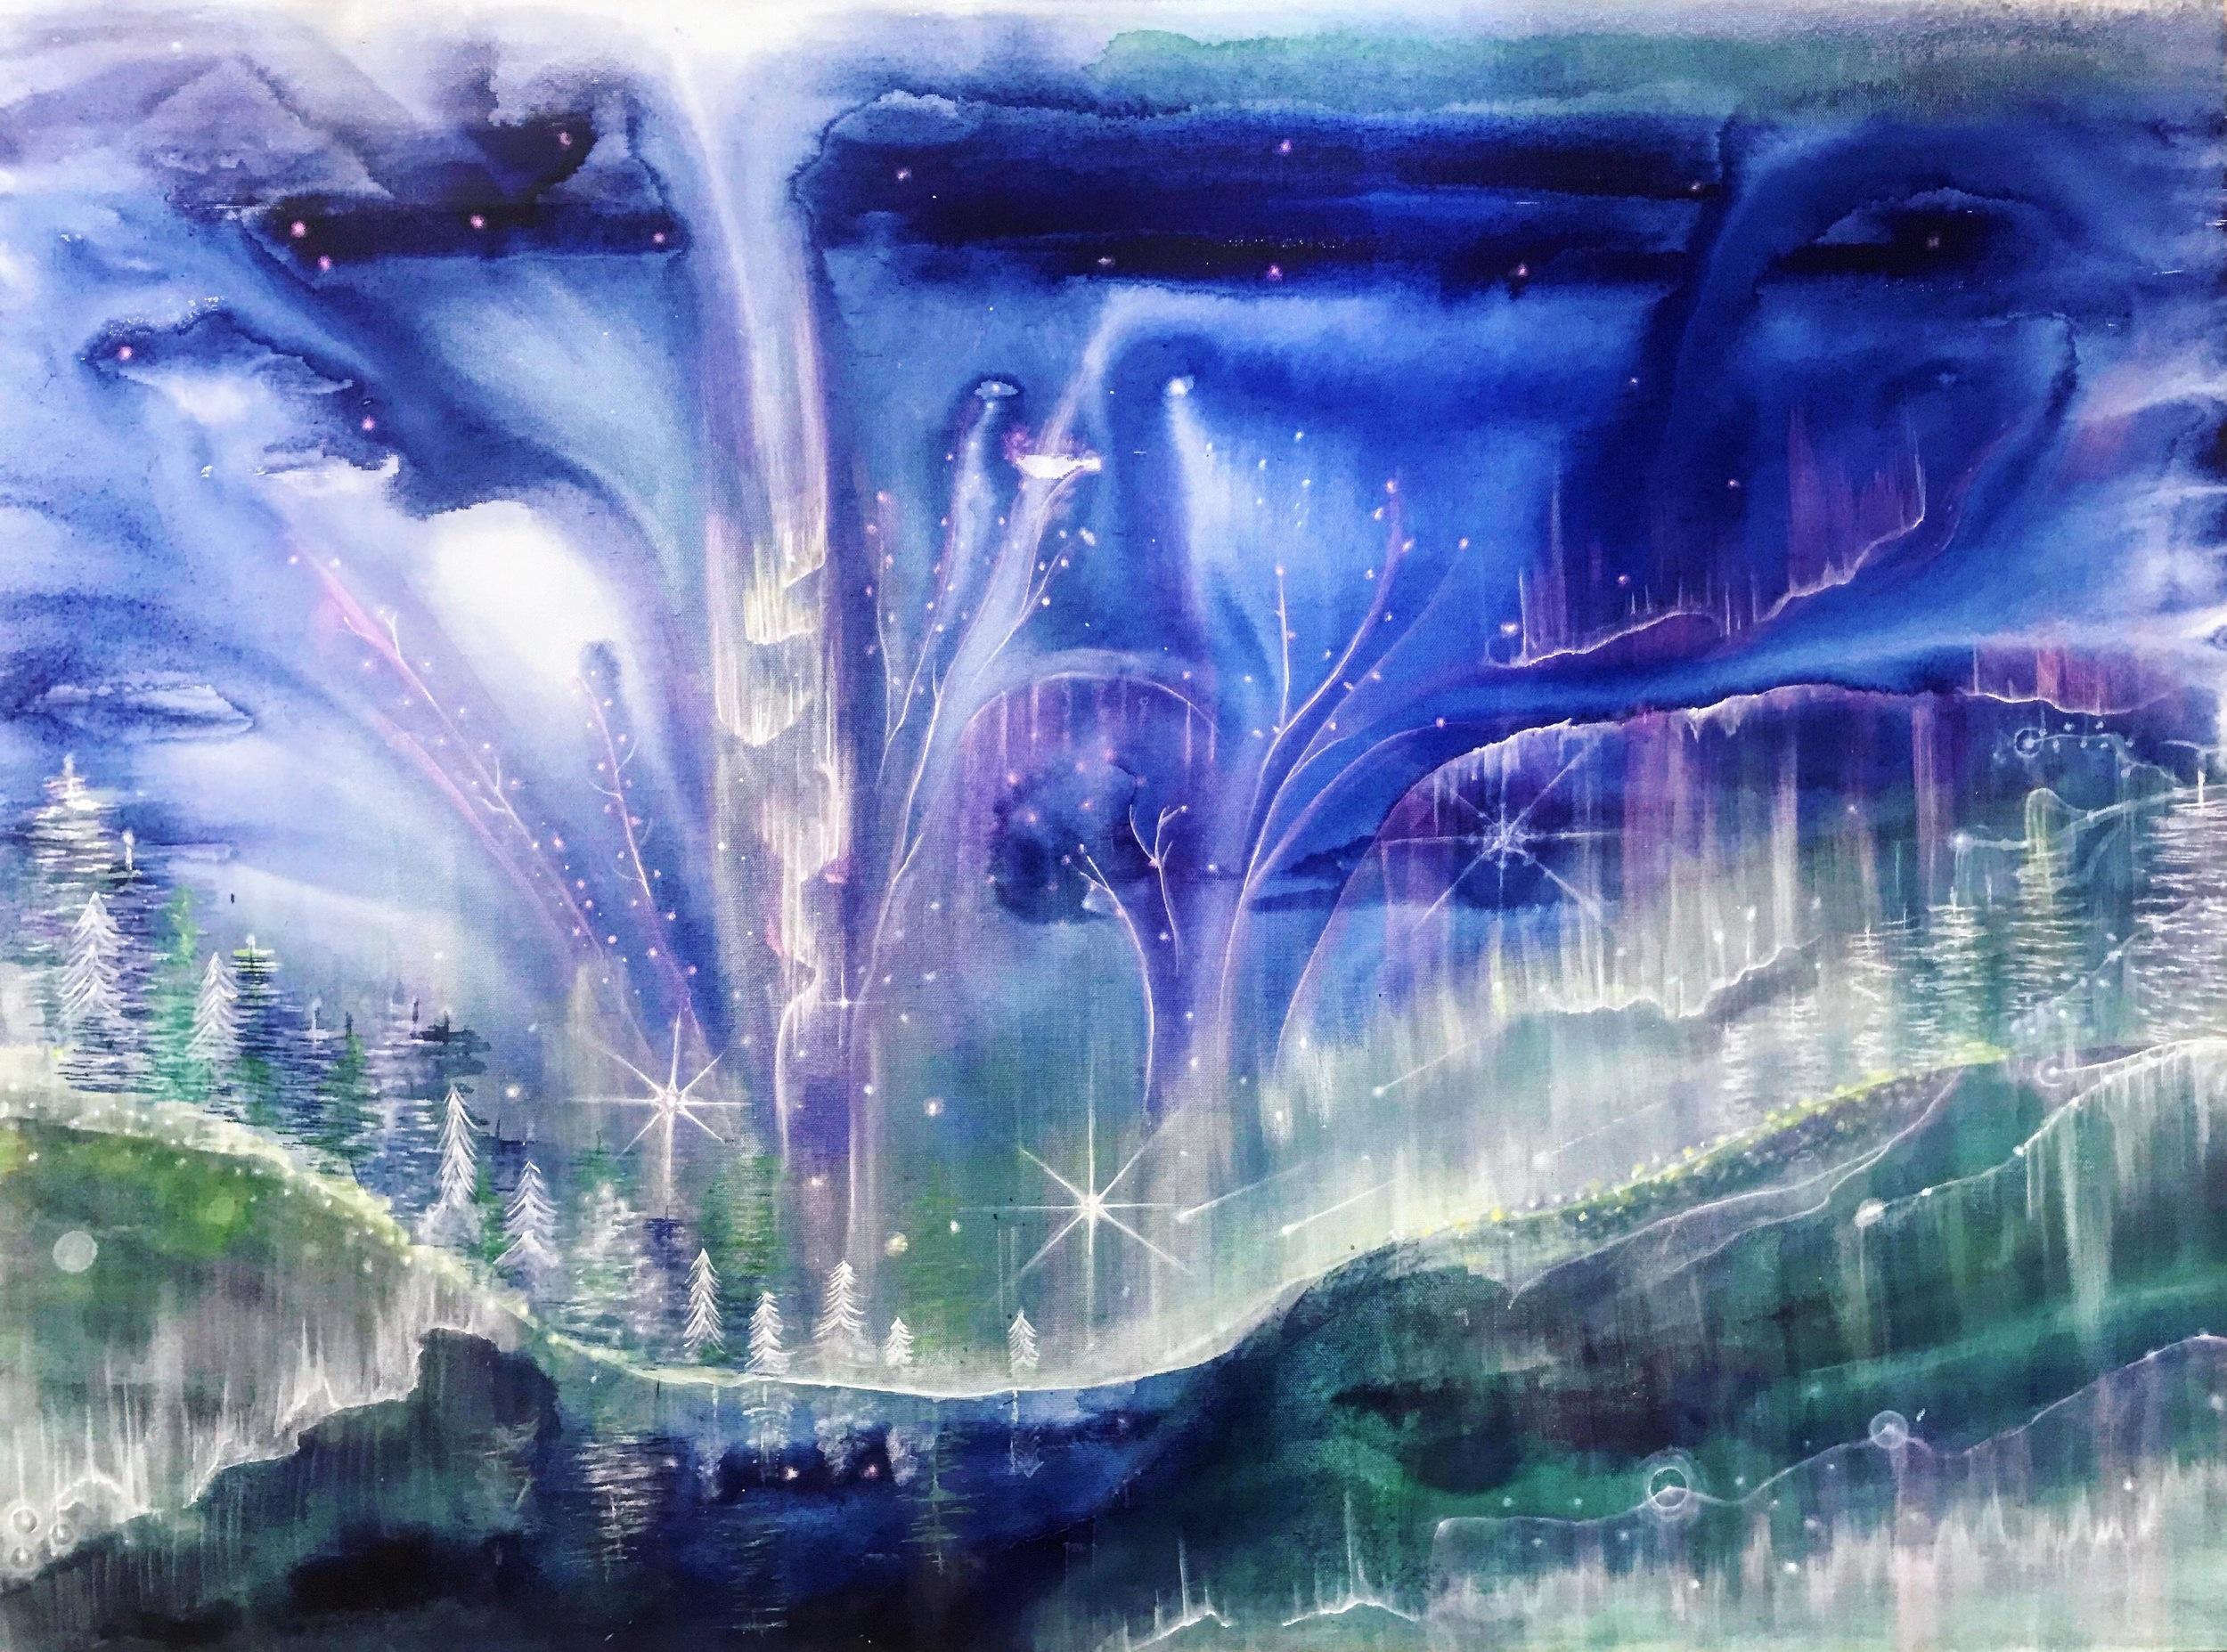 Tree+Melts+into+Sky.jpg